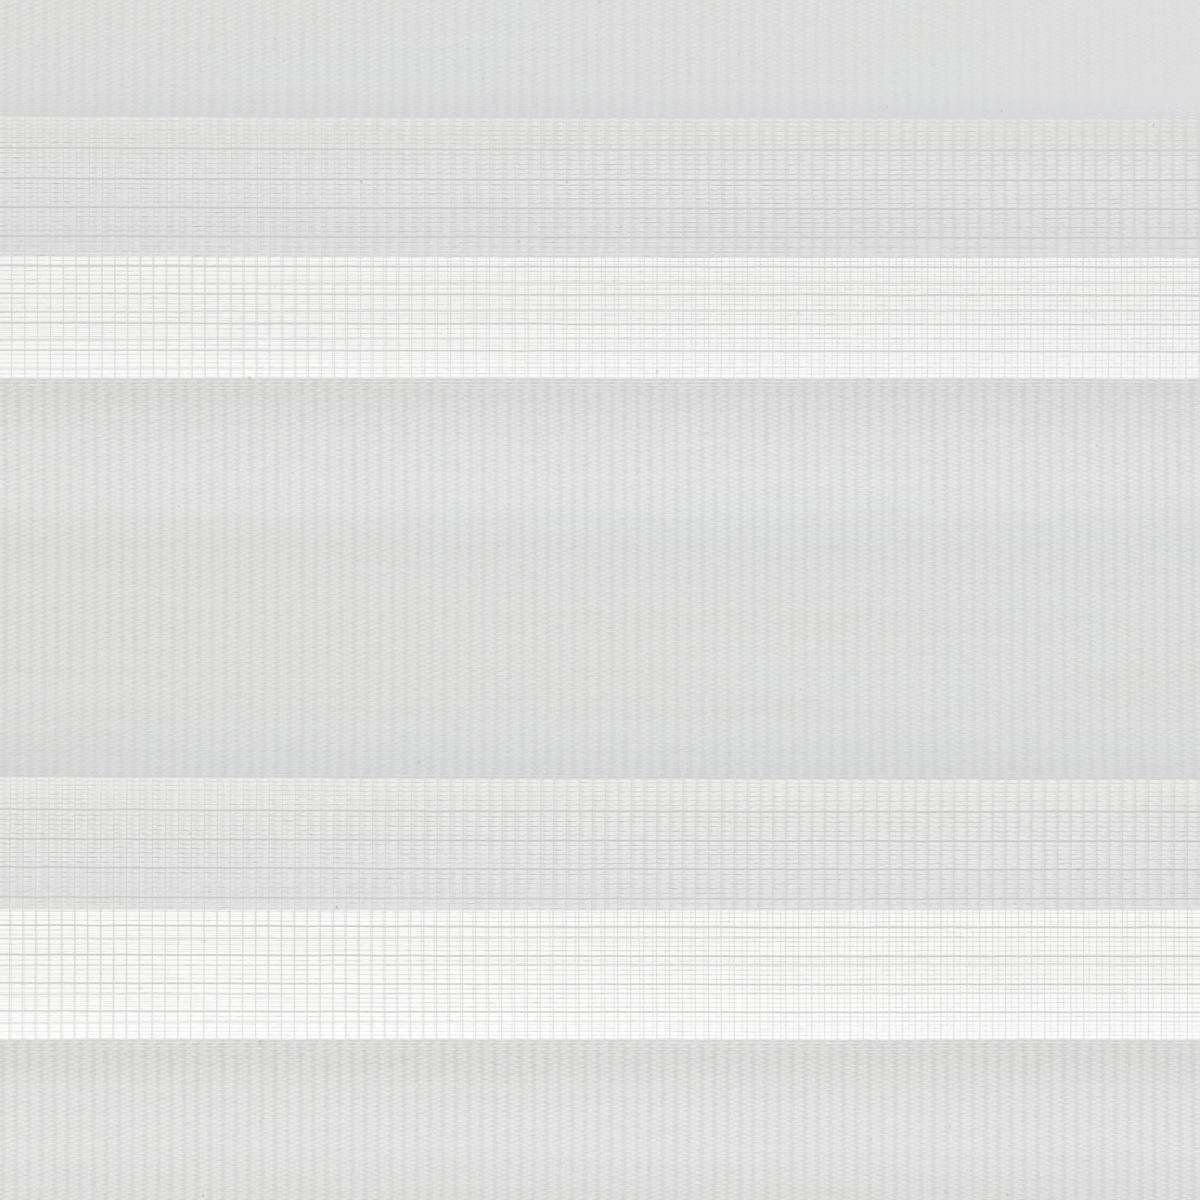 Bild 5 von Bella Casa Duo-Rollo mit Blende, Rollo, lichtdurchlässig, Sonnenschutz, 140 x 160 cm weiß